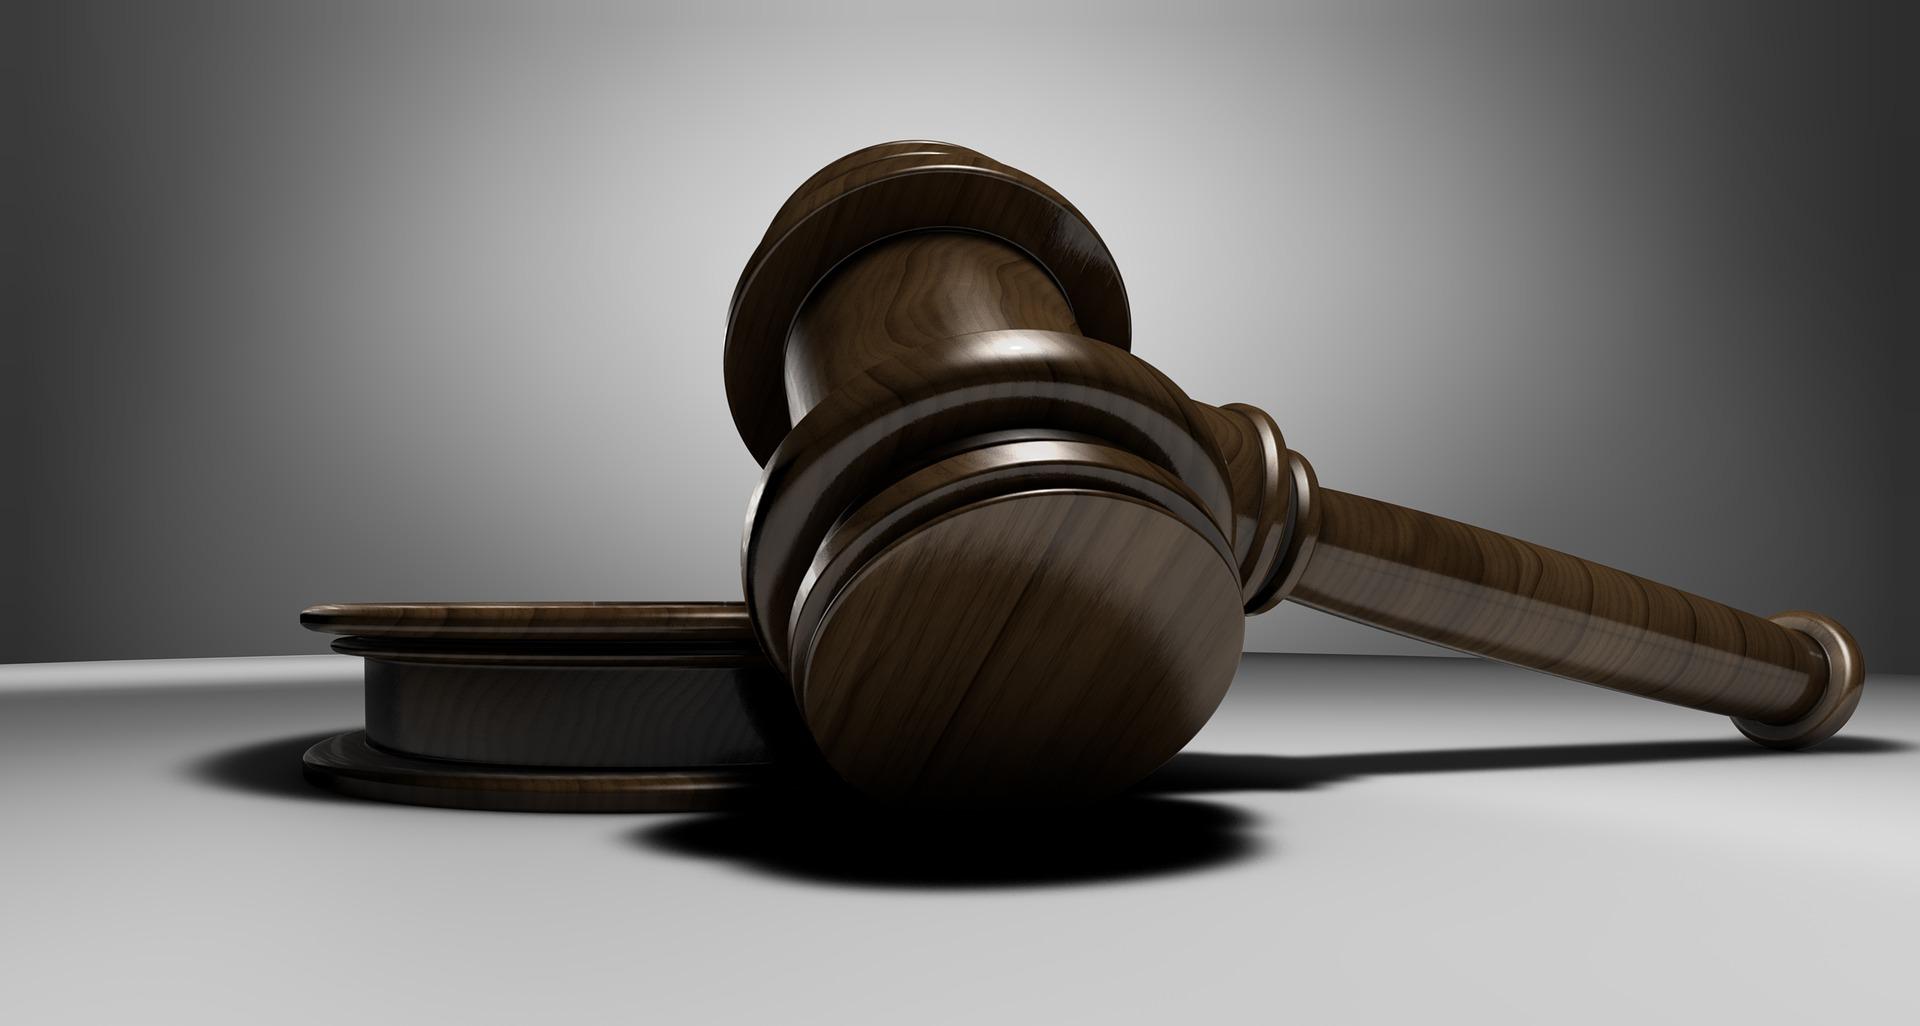 בלוג ייעוץ משפטי